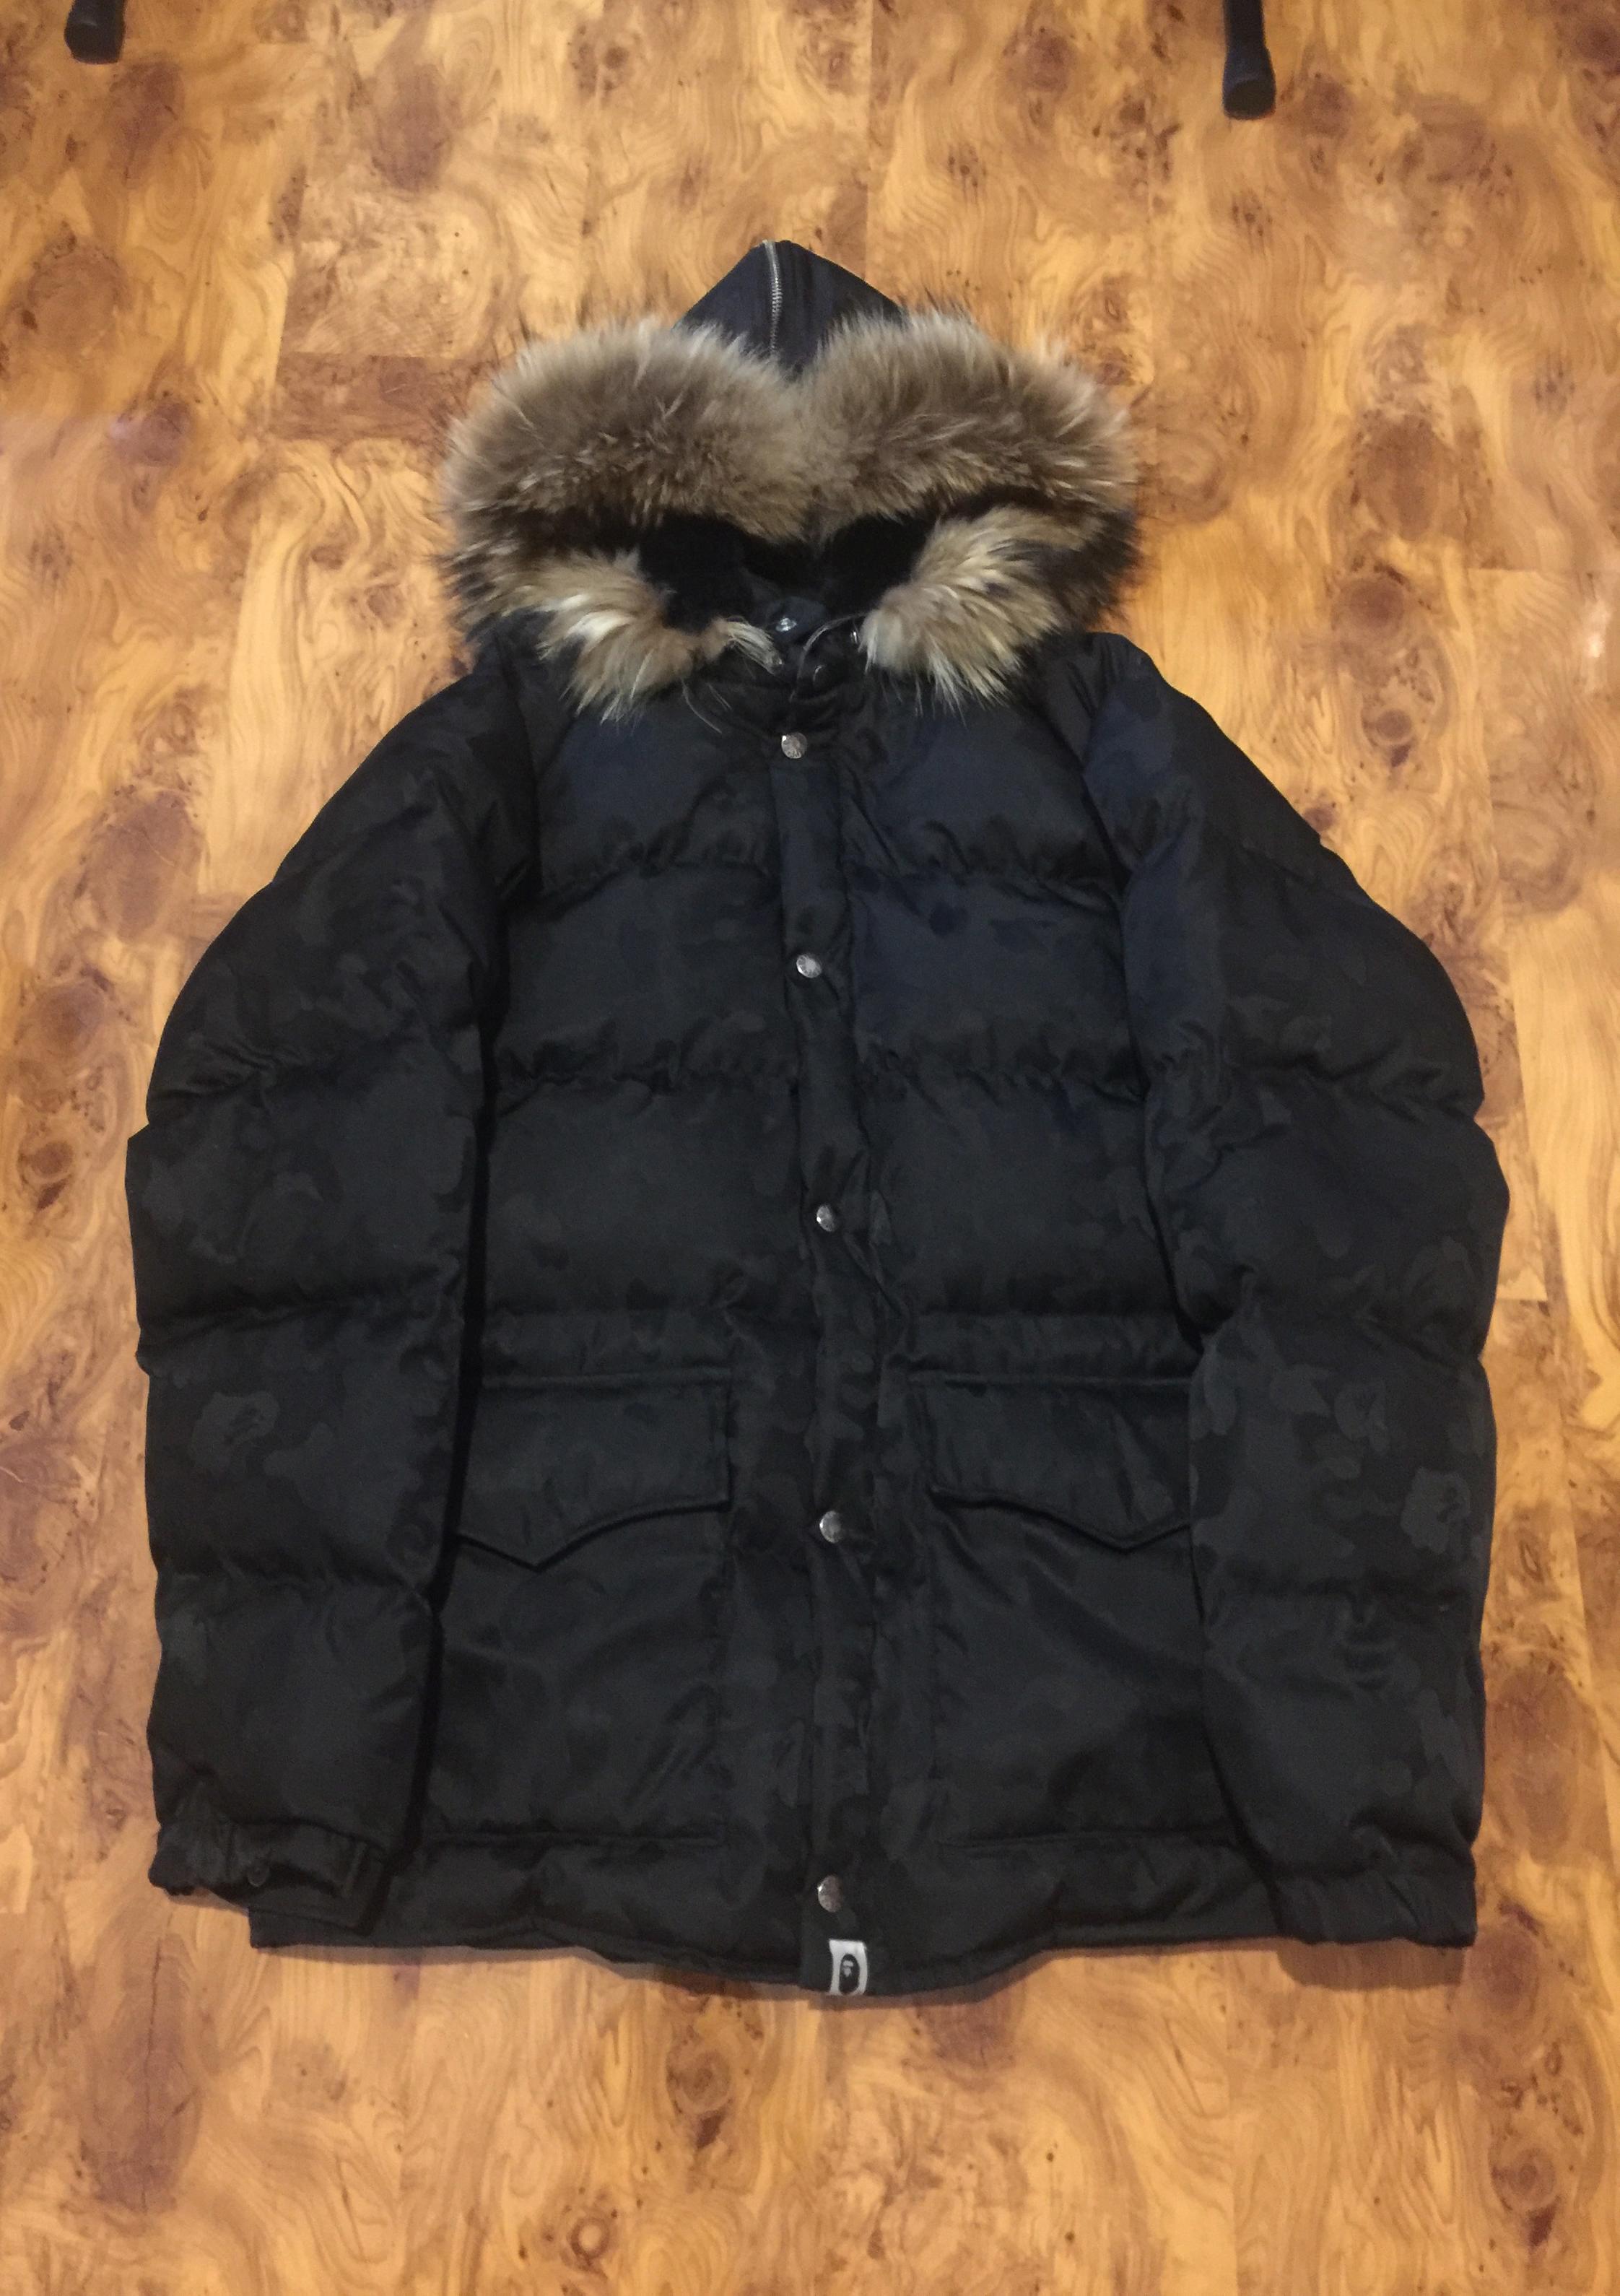 994ef6d956f2 Bape Bape Jacquard Camo Fur Down Jacket Size l - Heavy Coats for Sale -  Grailed